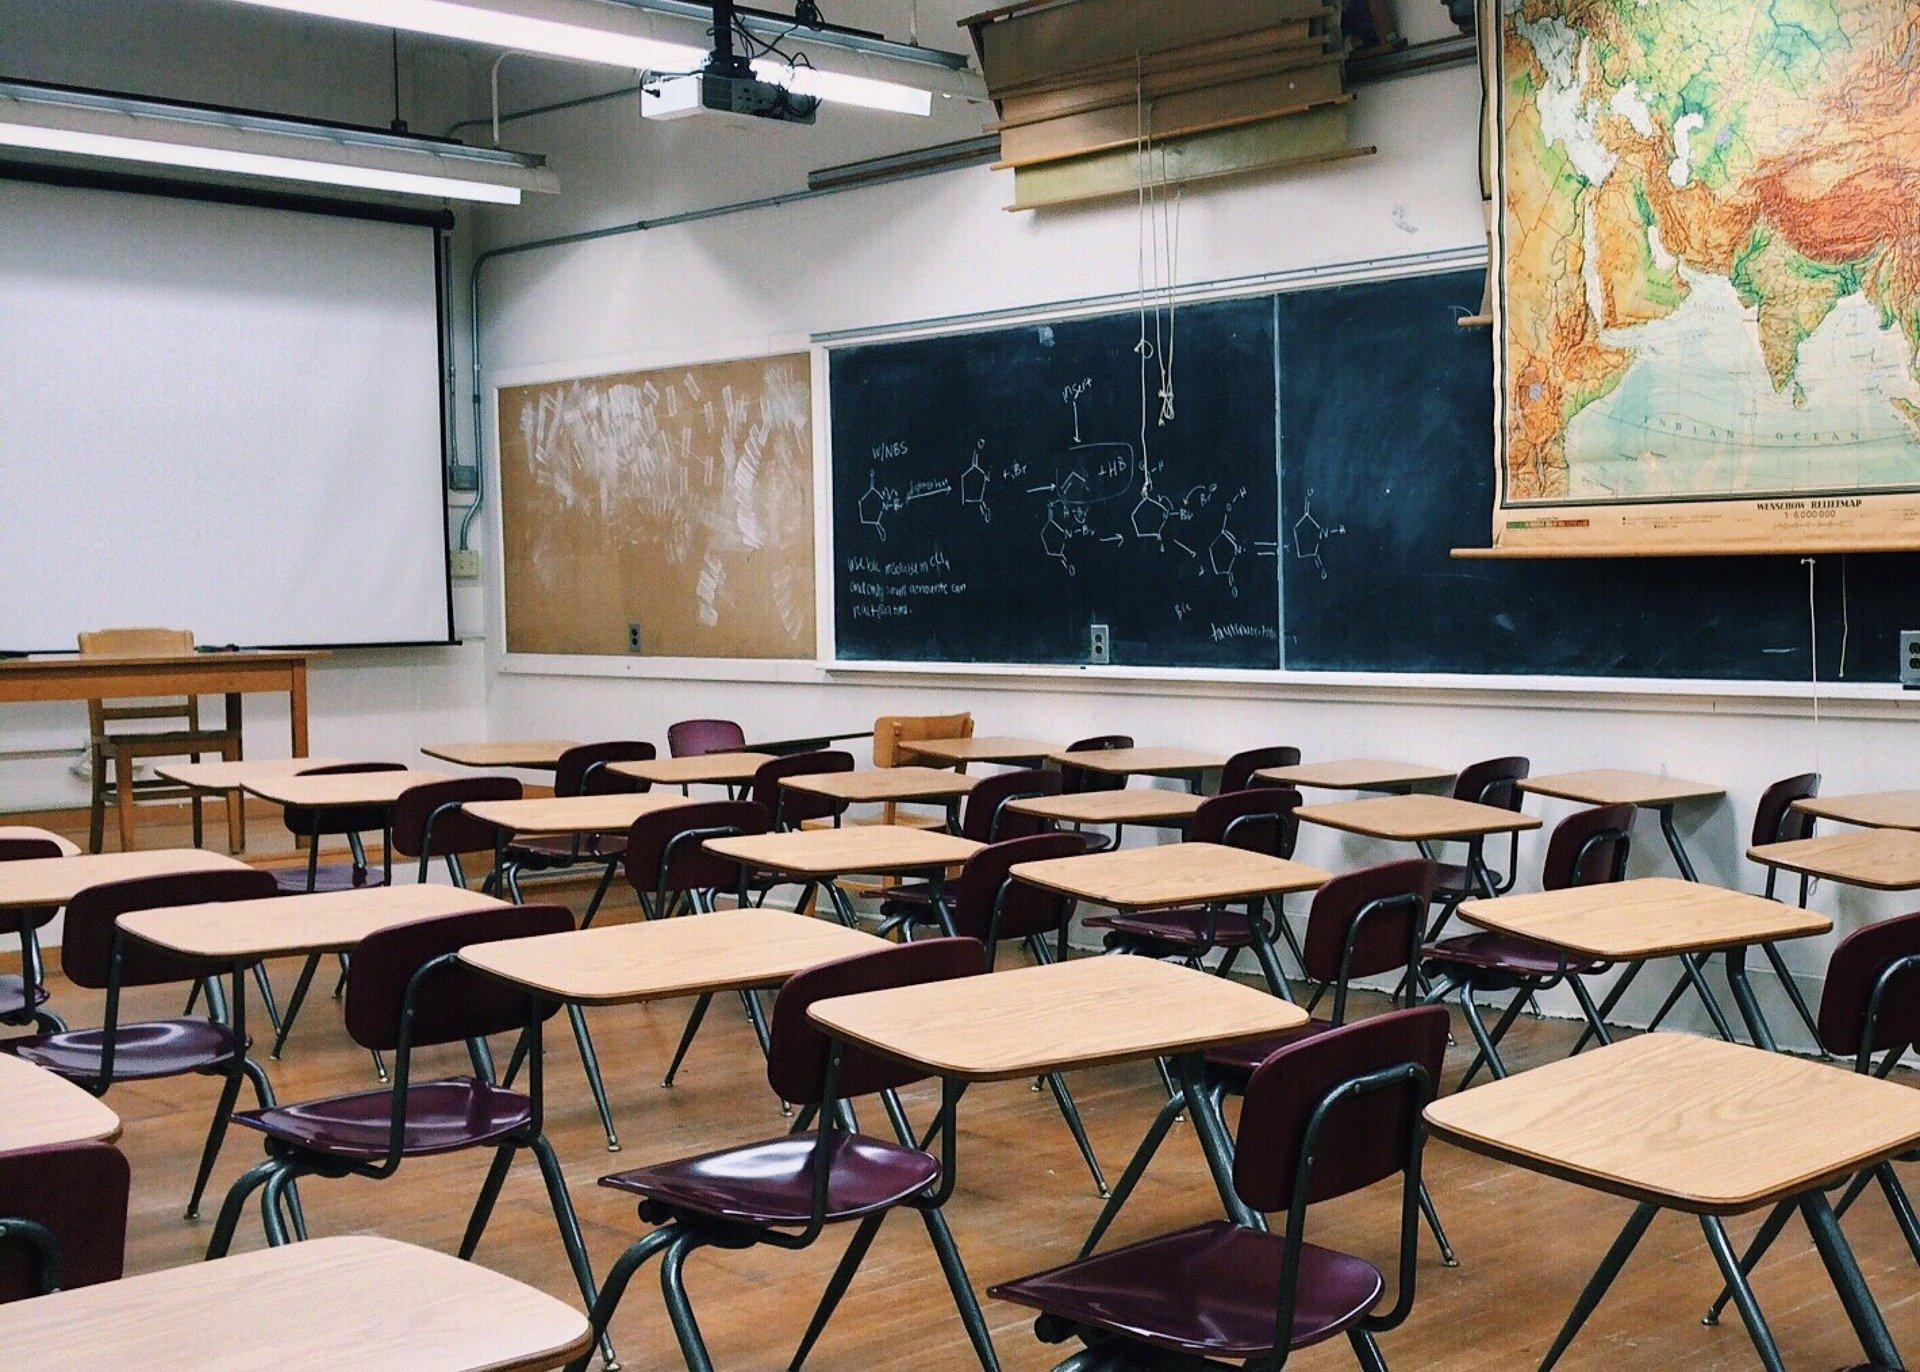 Grüne zur Verabschiedung des Haushaltes 2020: Sanierung der Theodor-Fleitmann-Gesamtschule auf die lange Bank geschoben – Klimaschutz vernachlässigt